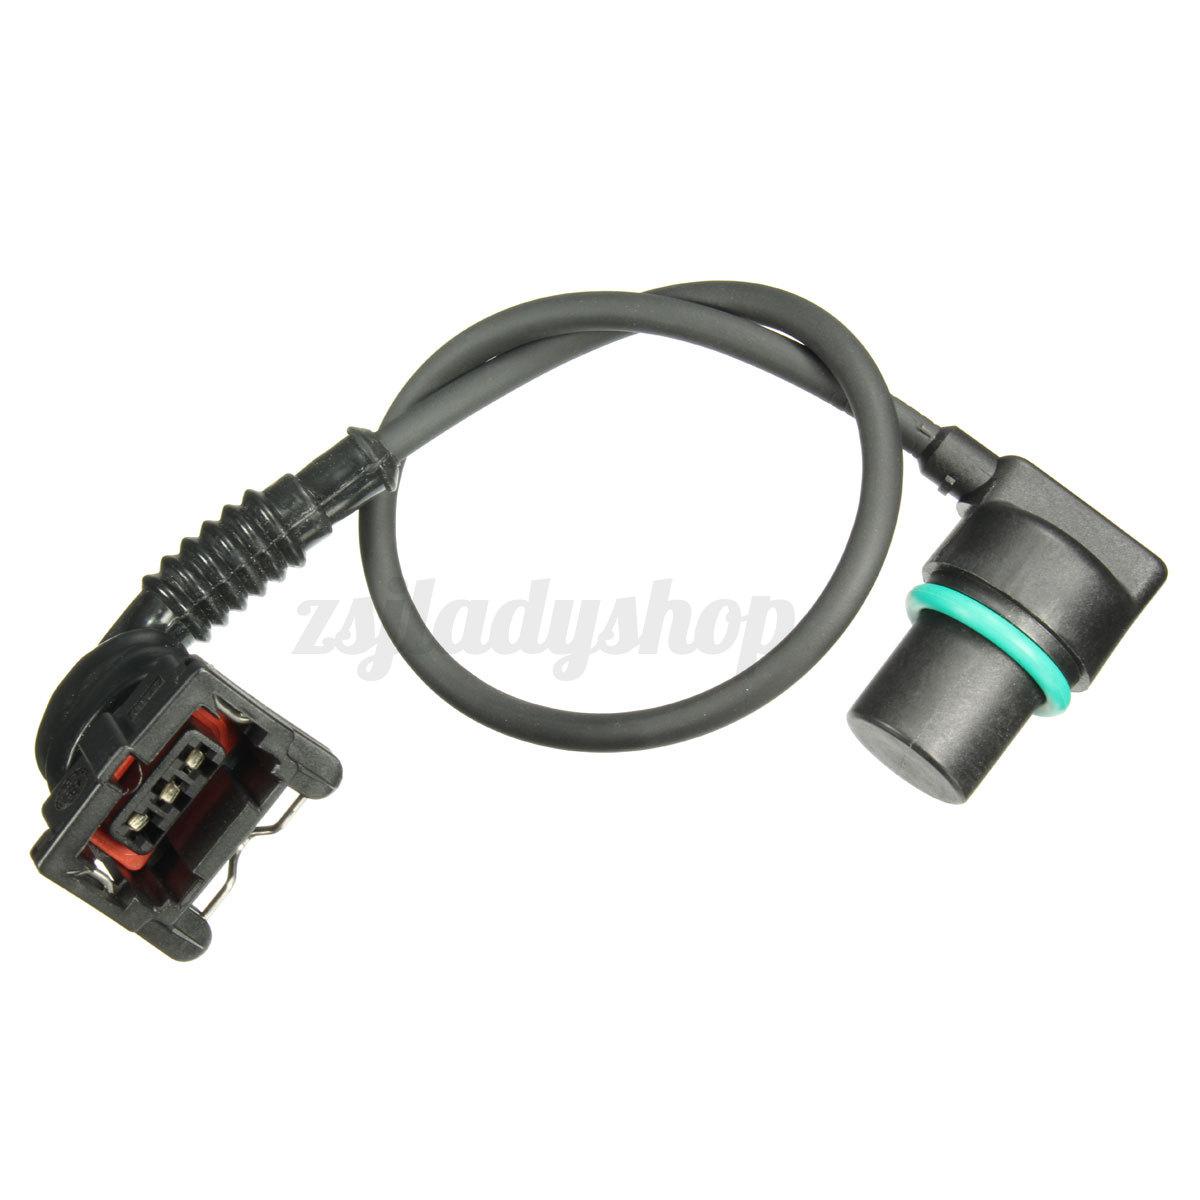 Camshaft Cam Position Sensor CPS For BMW E31 E38 740i